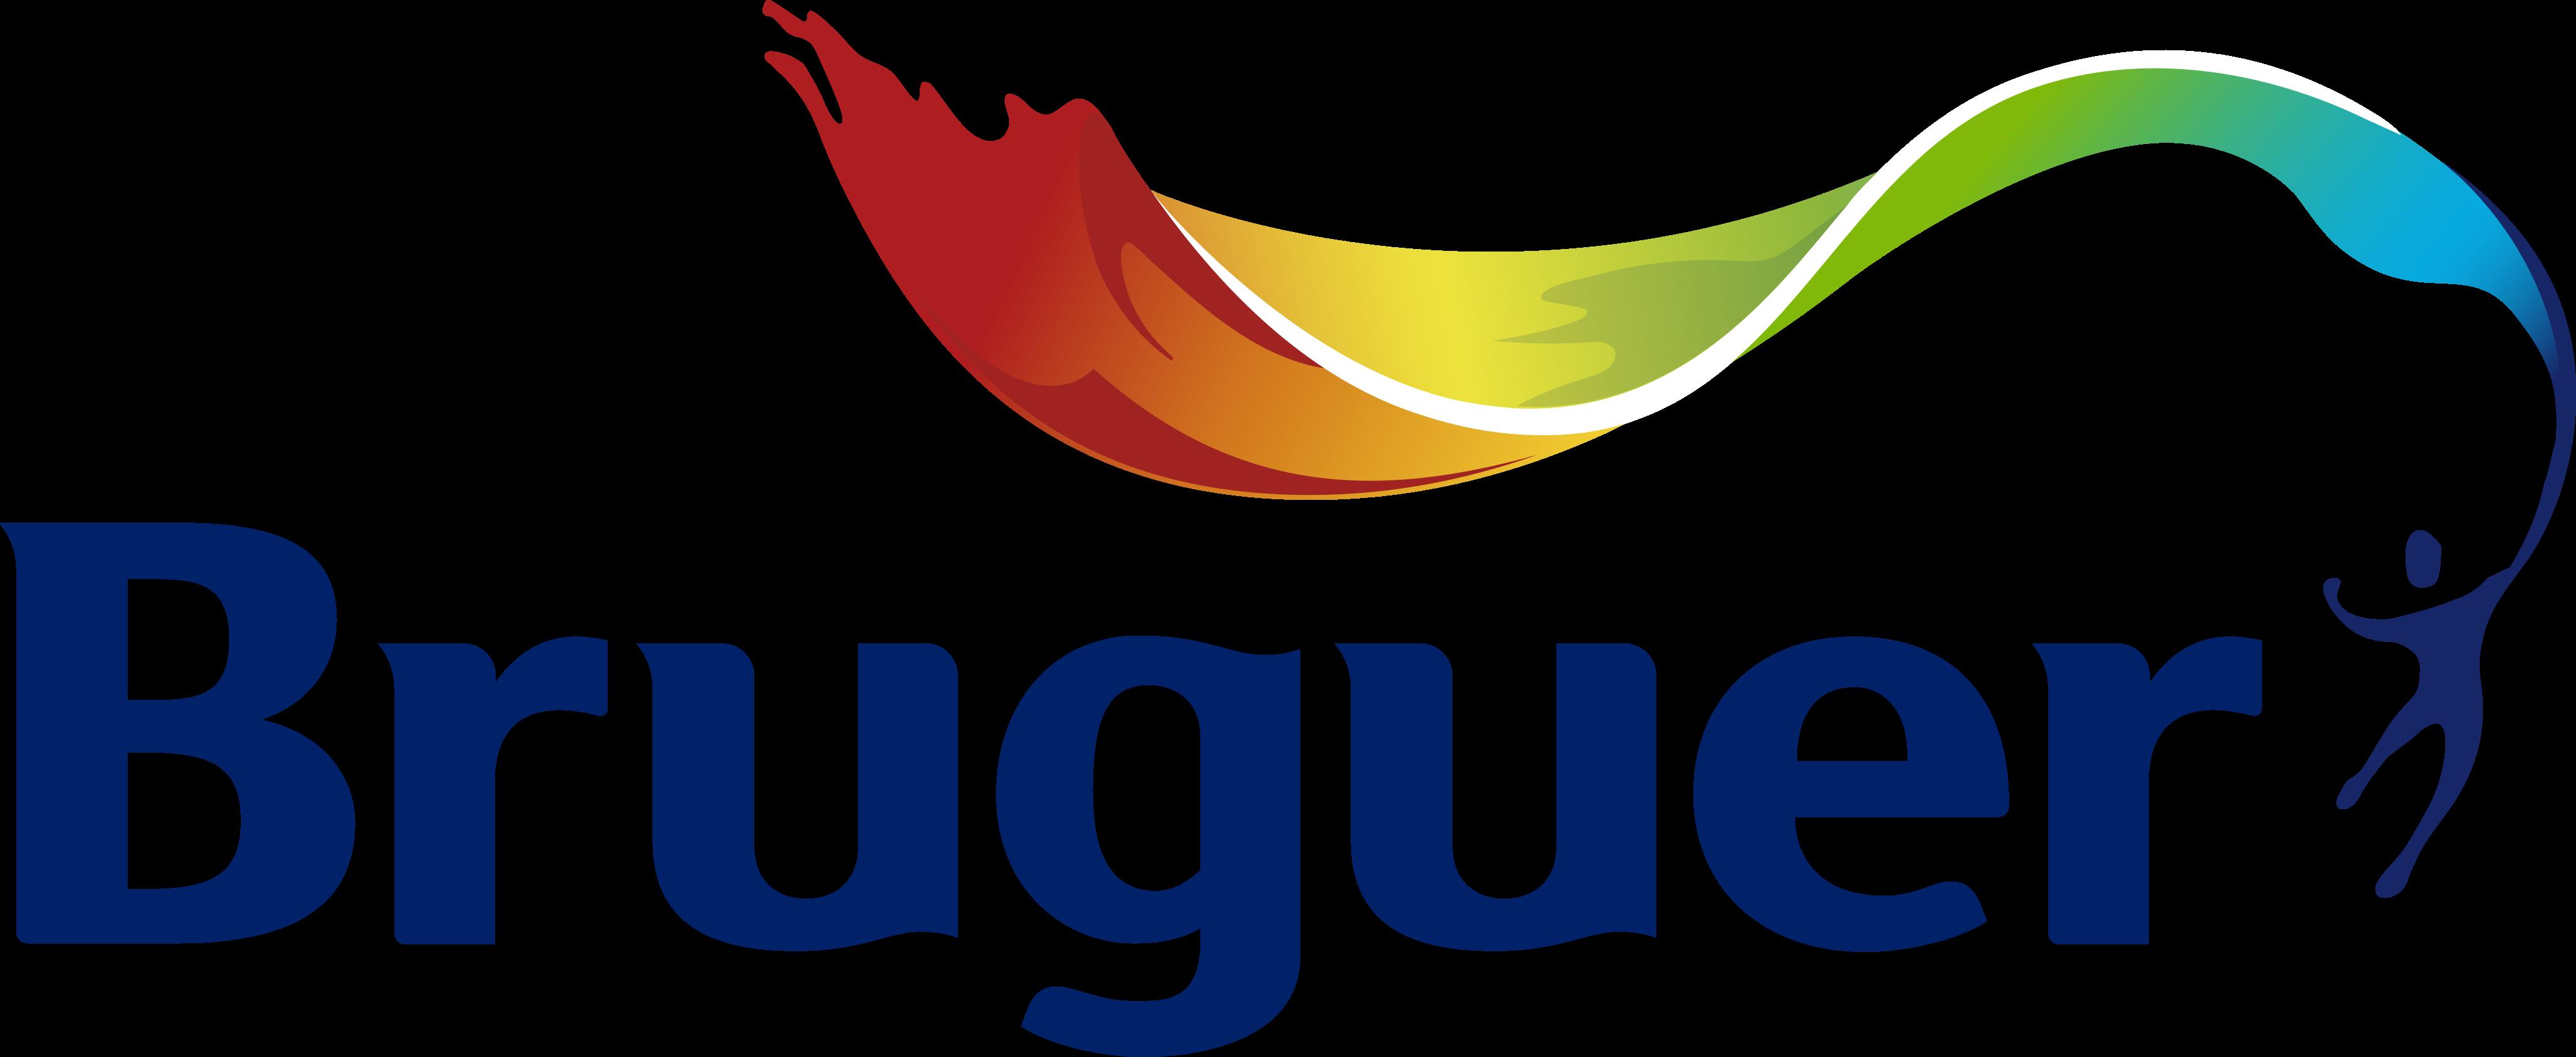 bruguer logo - Bruguer Pinturas Logo